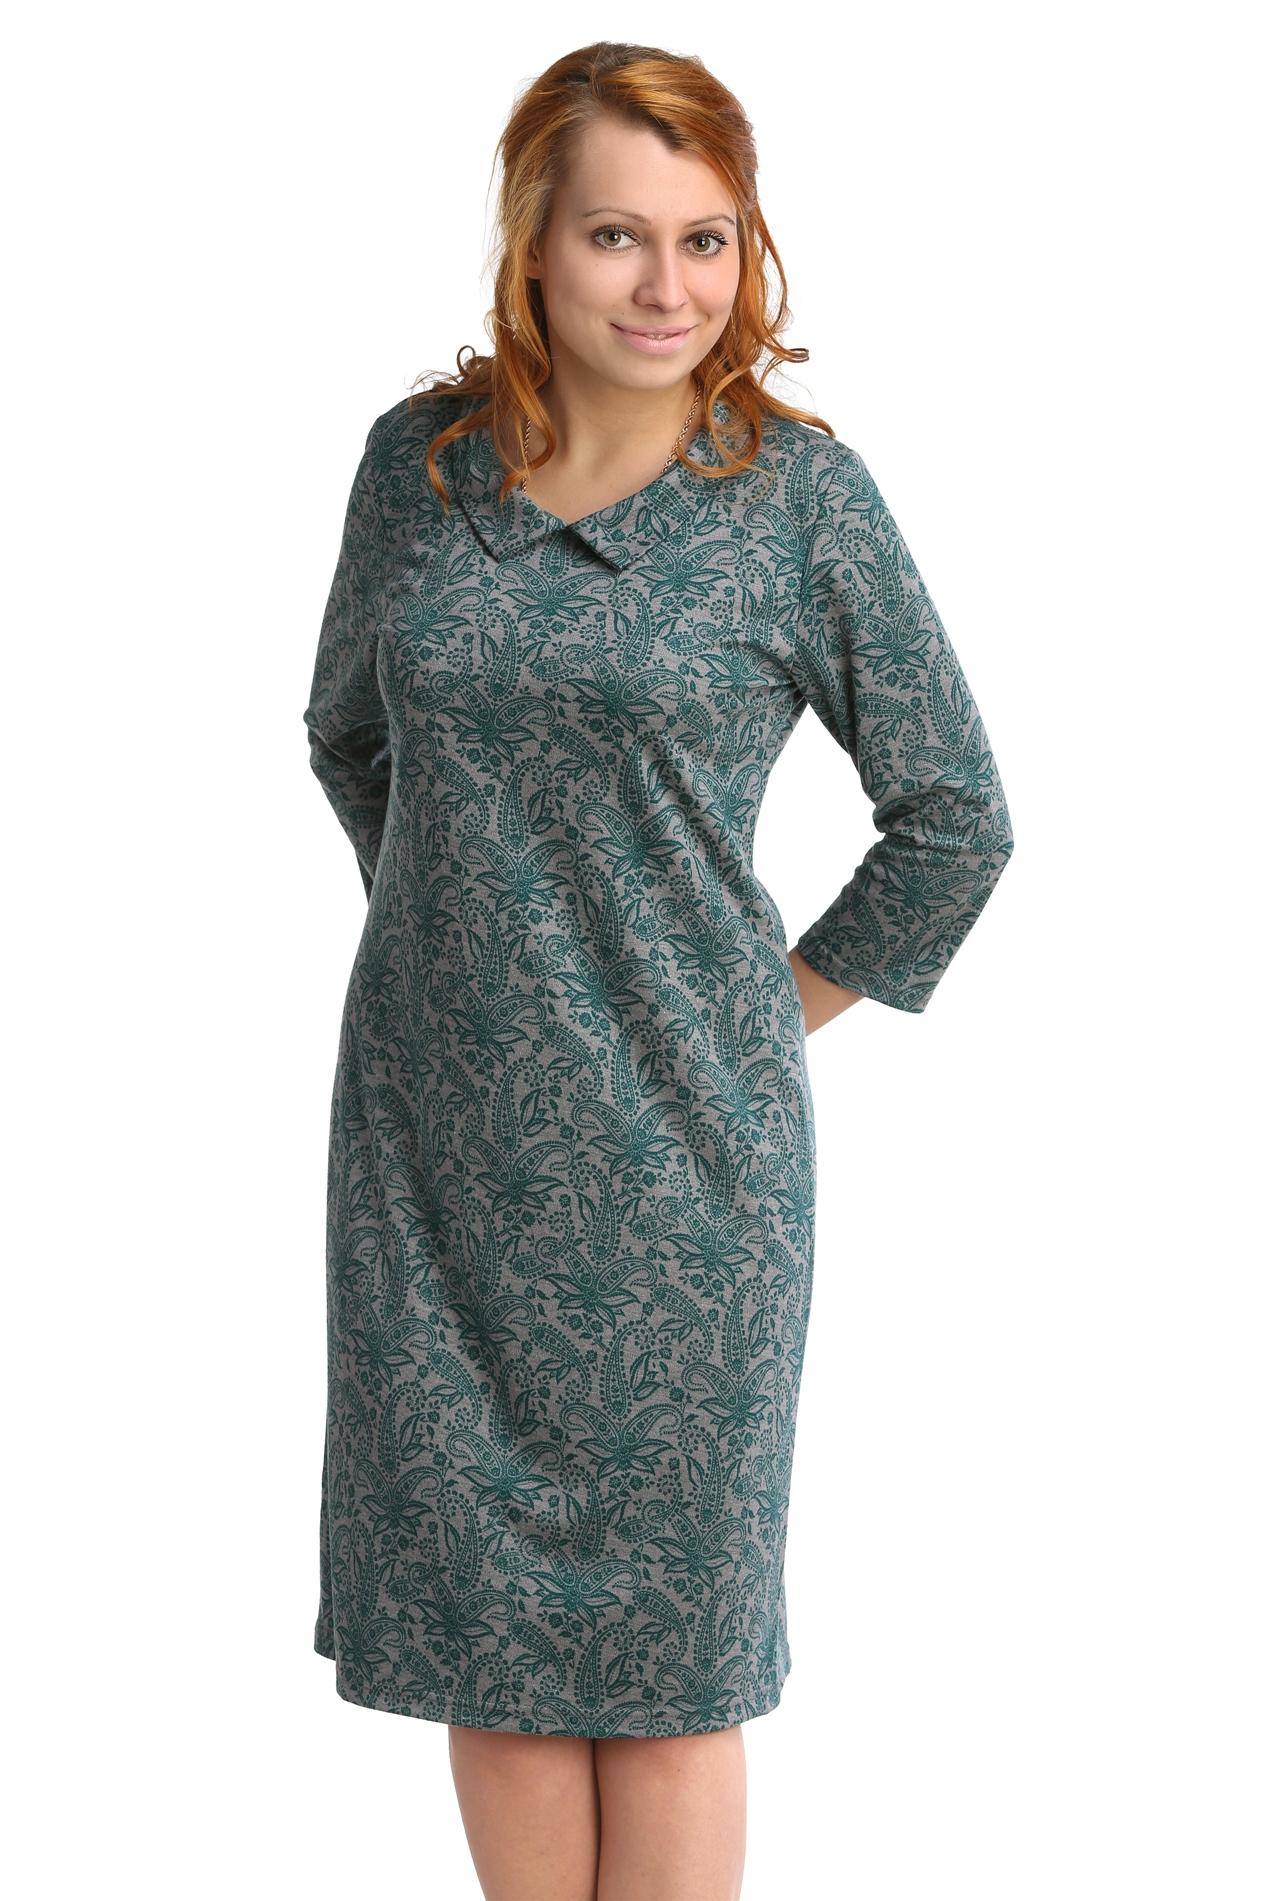 Жен. платье арт. 16-0073 Зеленый р. 54Платья<br>Обхват груди:108 см<br>Обхват талии:90 см<br>Обхват бедер:116 см<br>Длина по спинке:99 см<br>Рост:164-170 см<br><br>Тип: Жен. платье<br>Размер: 54<br>Материал: Интерлок